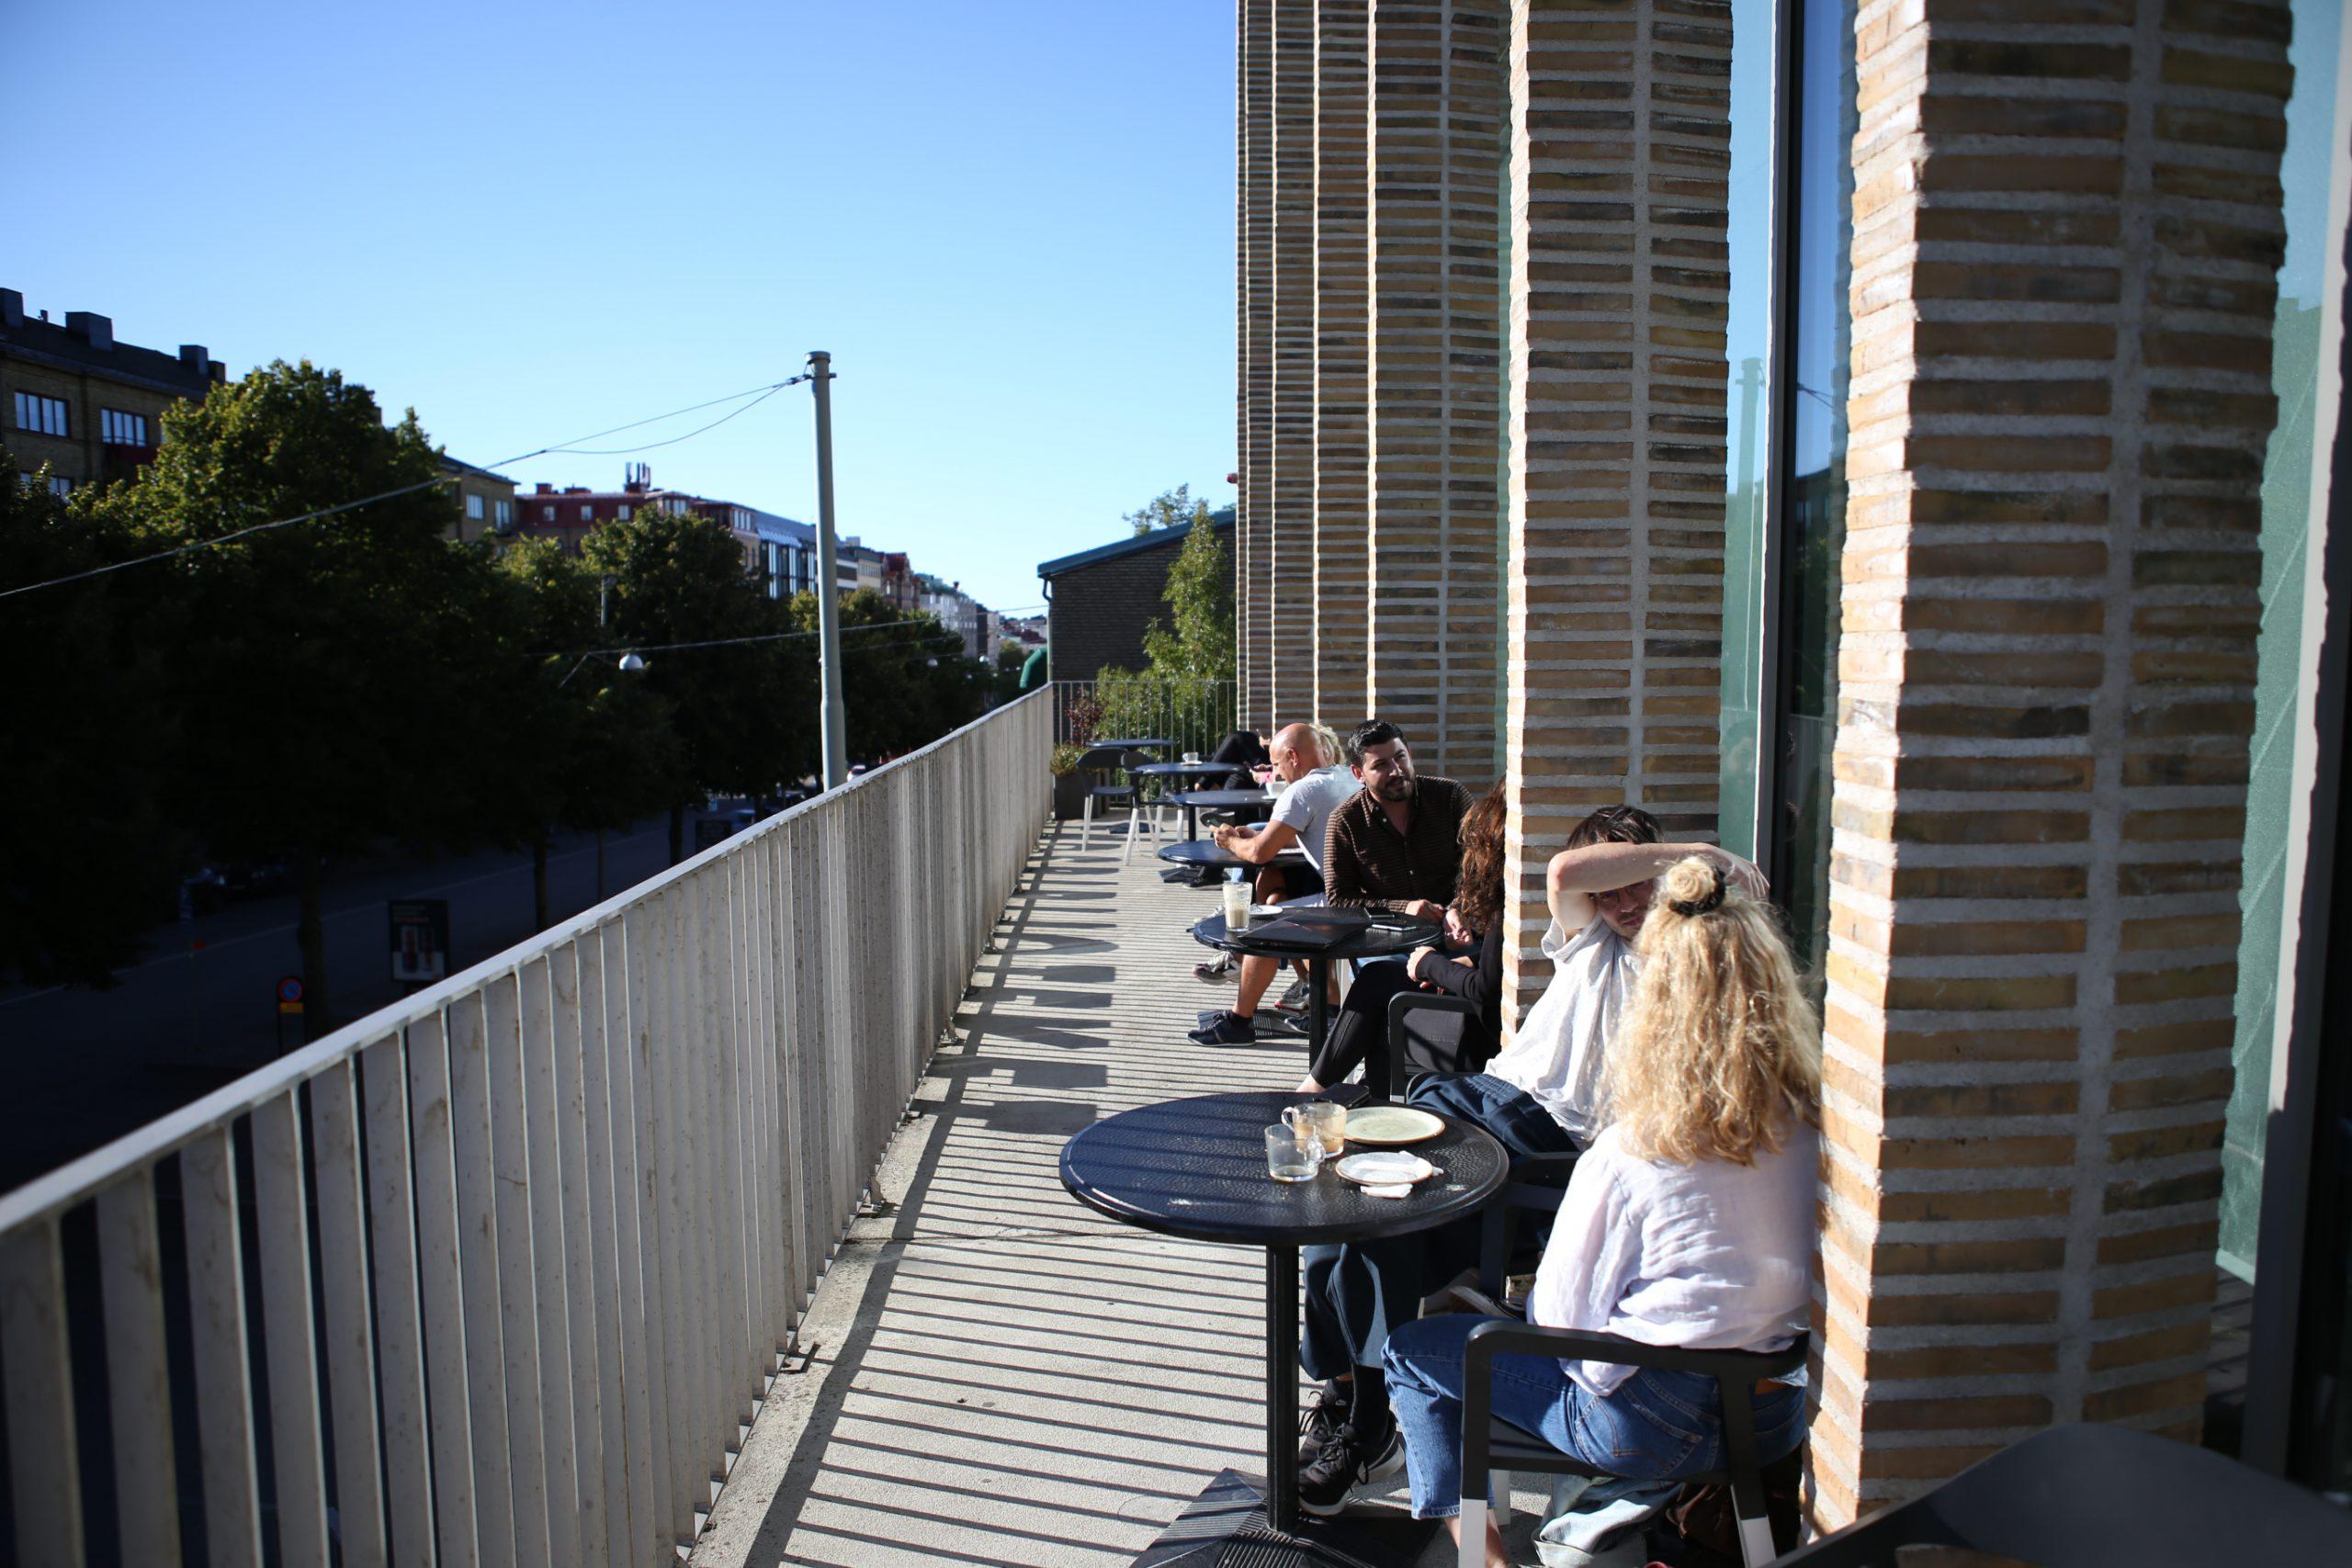 Cafégäster sitter ute i solen på Stadsbiblioteket.